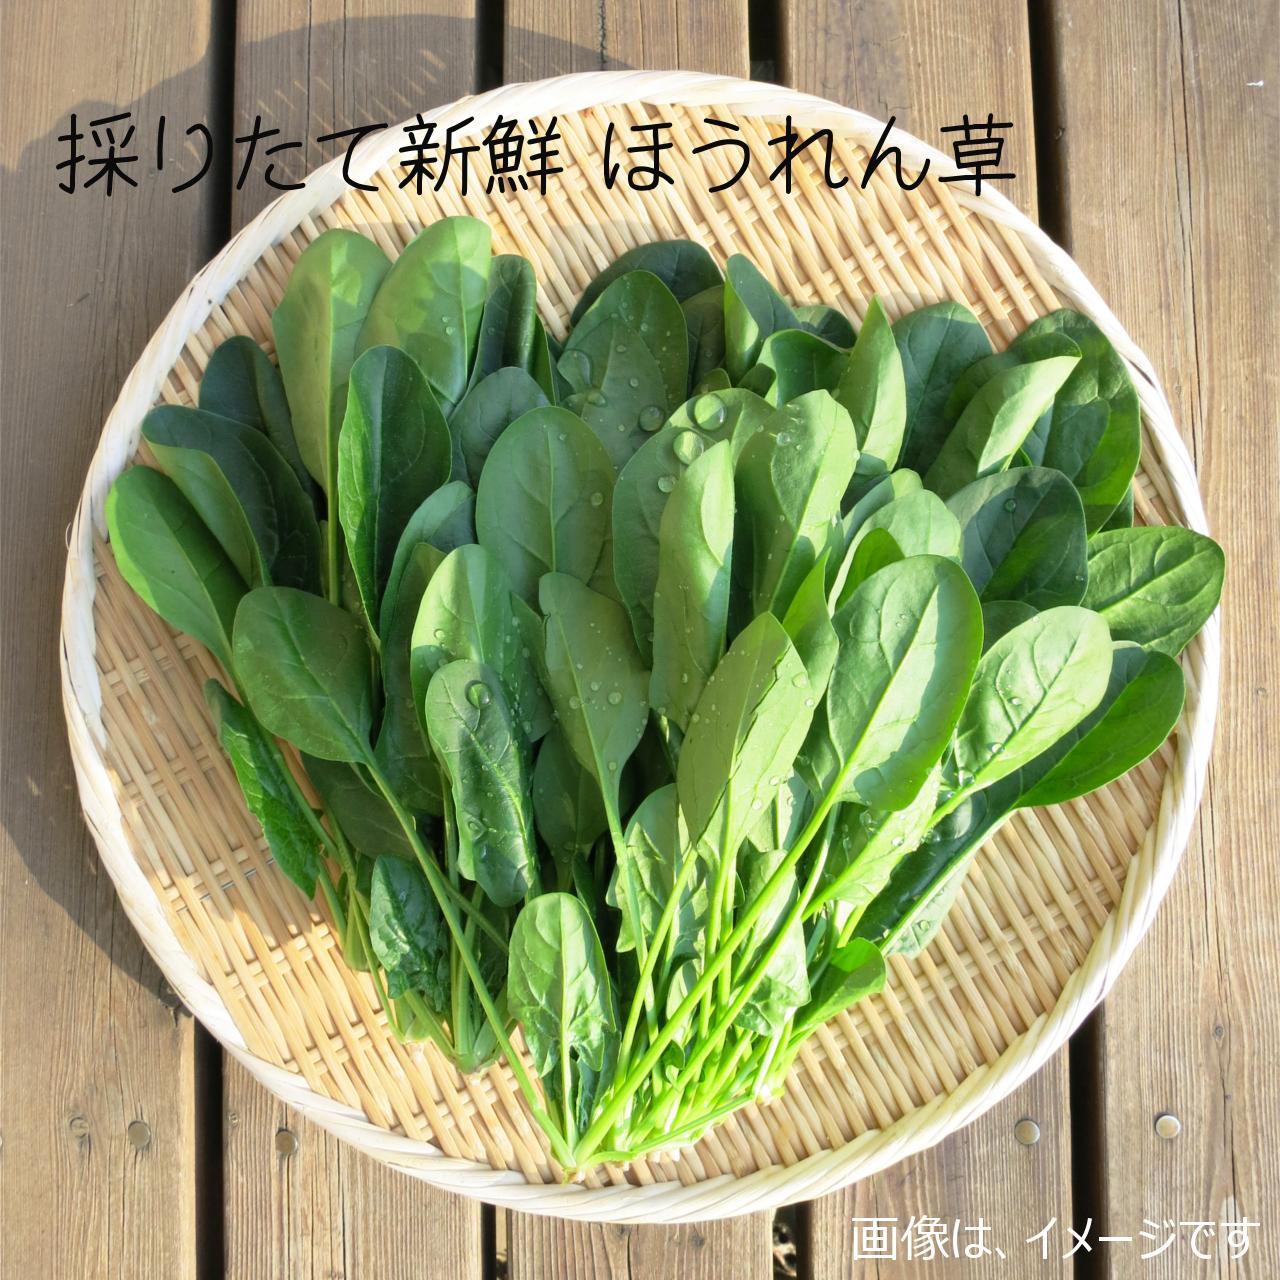 ホウレンソウ 朝採り直売野菜 約200g 新鮮な春野菜 4月18日発送予定